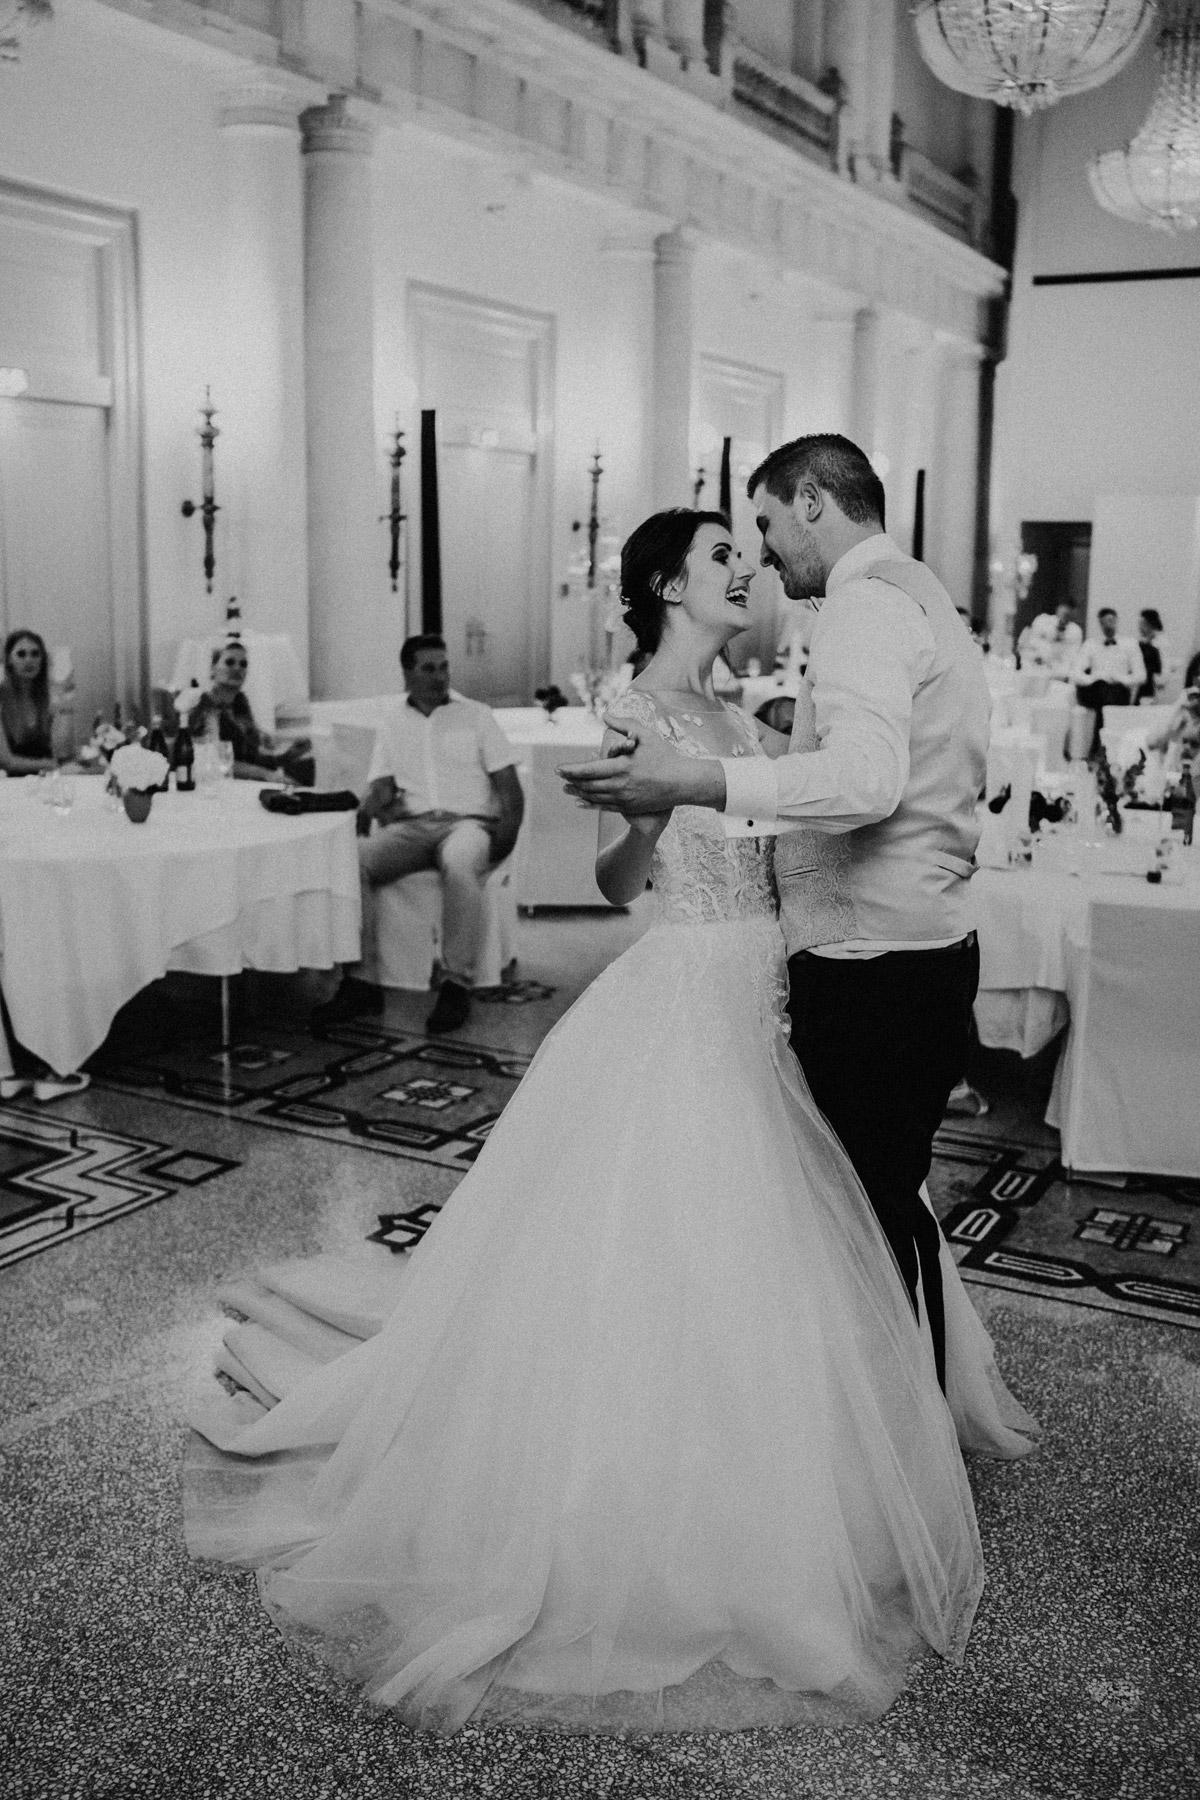 Hochzeitstanz Hochzeitsbild Idee nach Kirche zur Feier #Hochzeitsfotos Hotel de Rome Berlin © www.hochzeitslicht.de #hochzeitslicht #Hochzeitsreportage